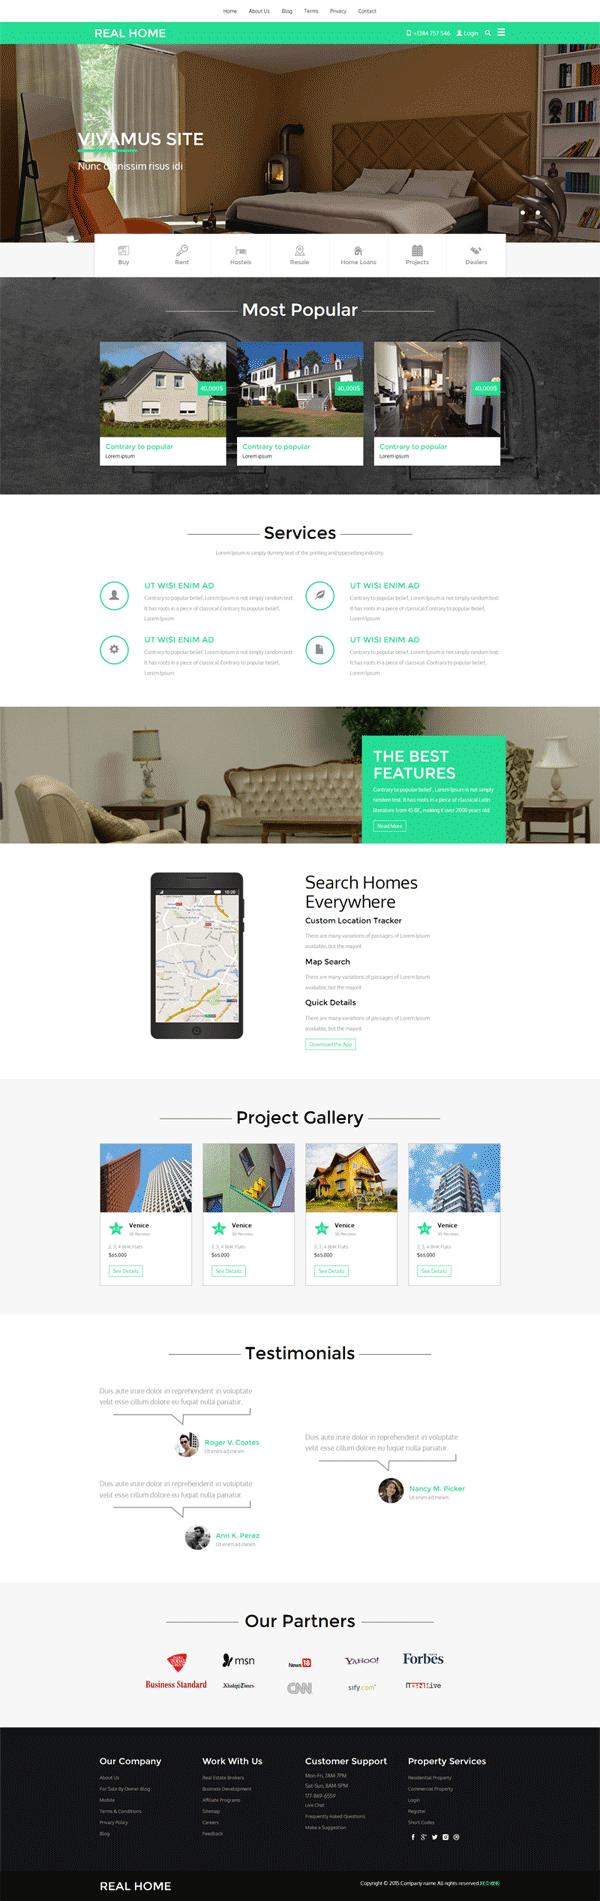 绿色宽屏的房屋租赁销售网站模板html整站